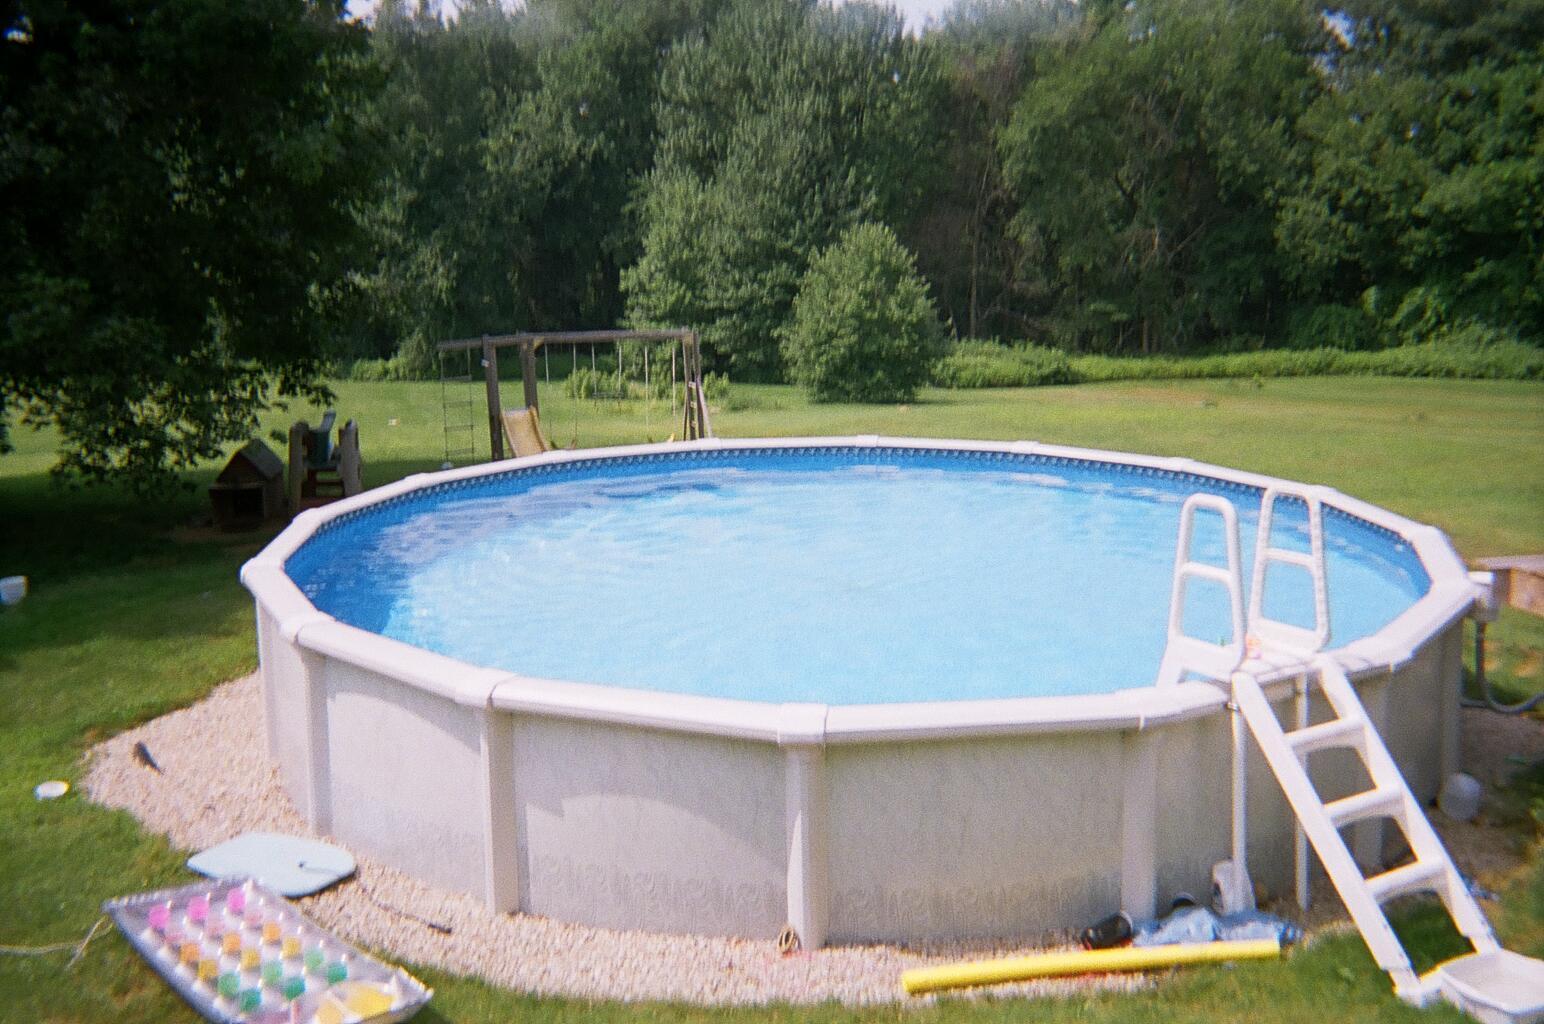 Piscina Su Terreno In Pendenza 12 domande sulle piscine fuori terra - prodotti per la casa